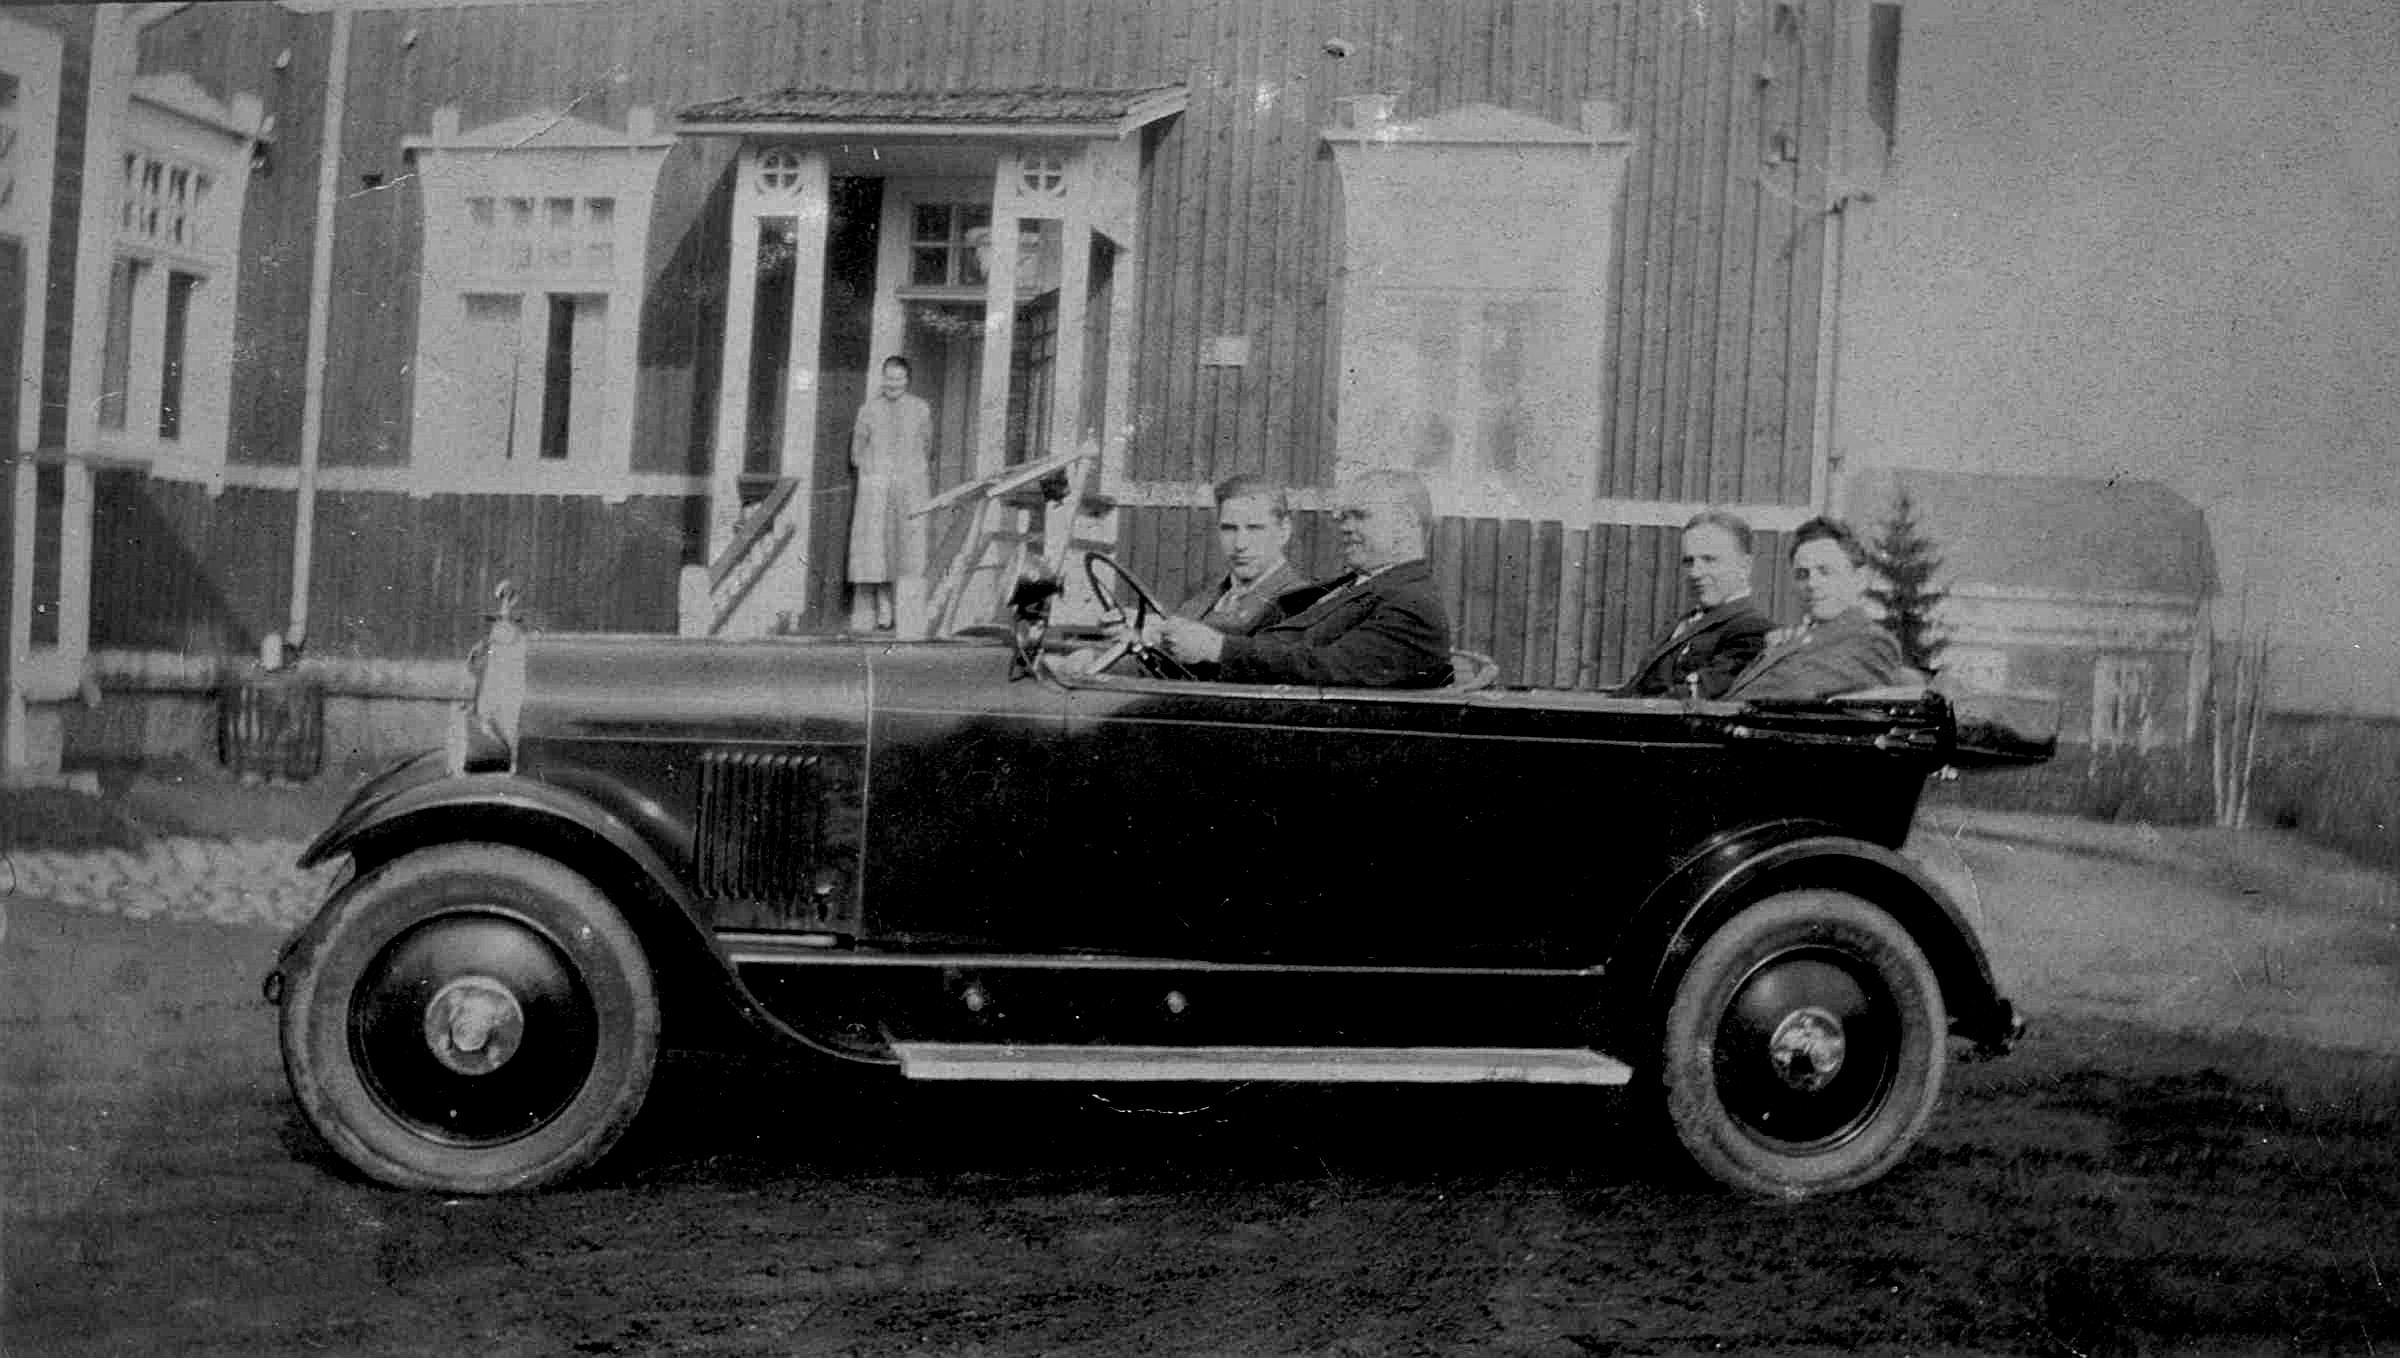 Här lärare Sjöblad provkörande en bil på skolgården. Sjöblad var lärare i folkskolan under åren 1921-1930 och han var också rektor för den nygrundade Evangeliska Folkhögskolan i Dagsmark.